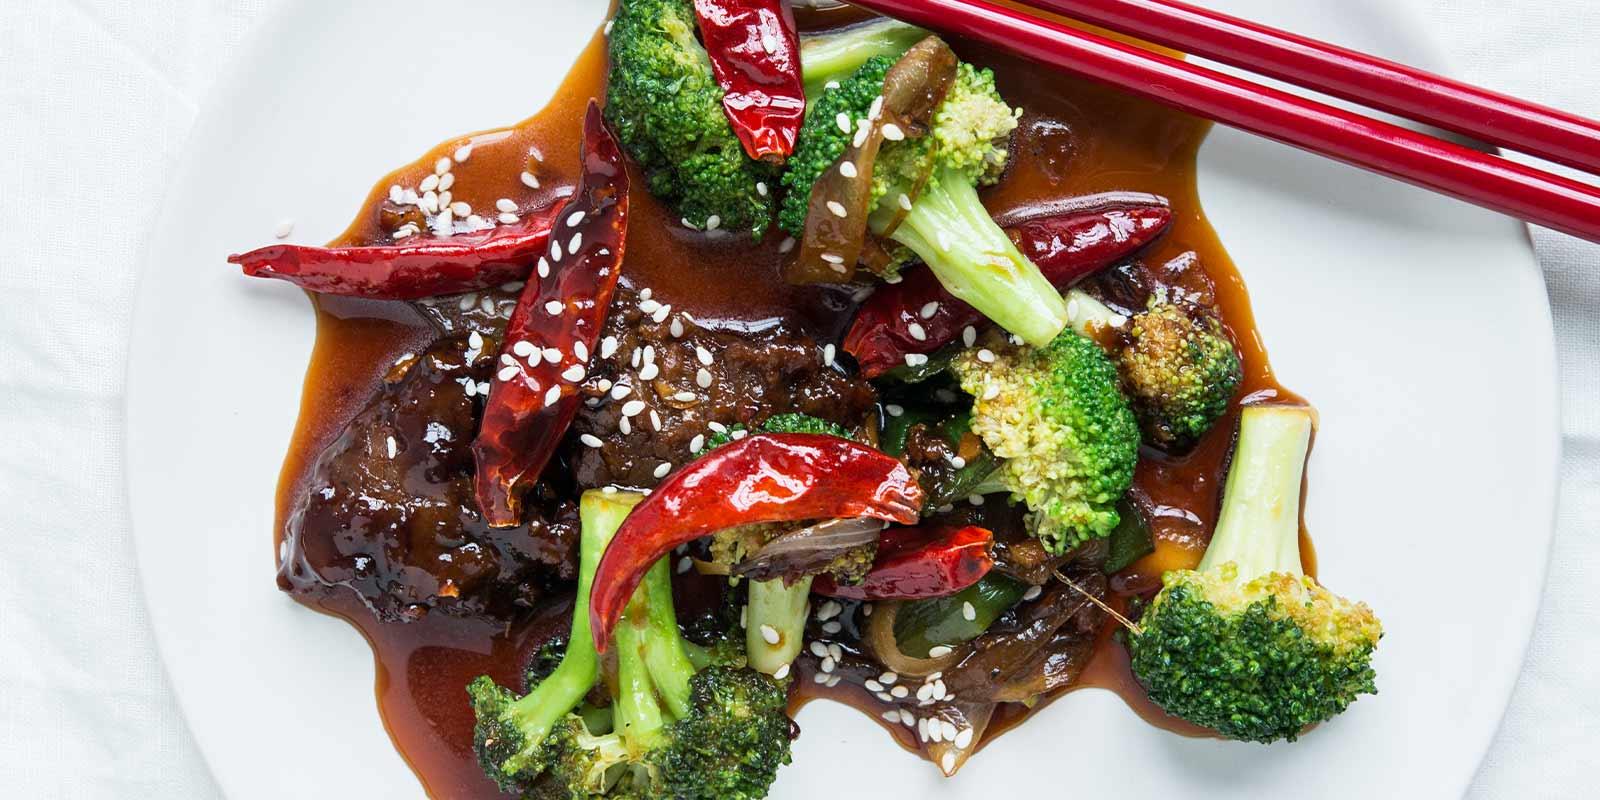 Orange Szechuan Broccoli & Grain Meat